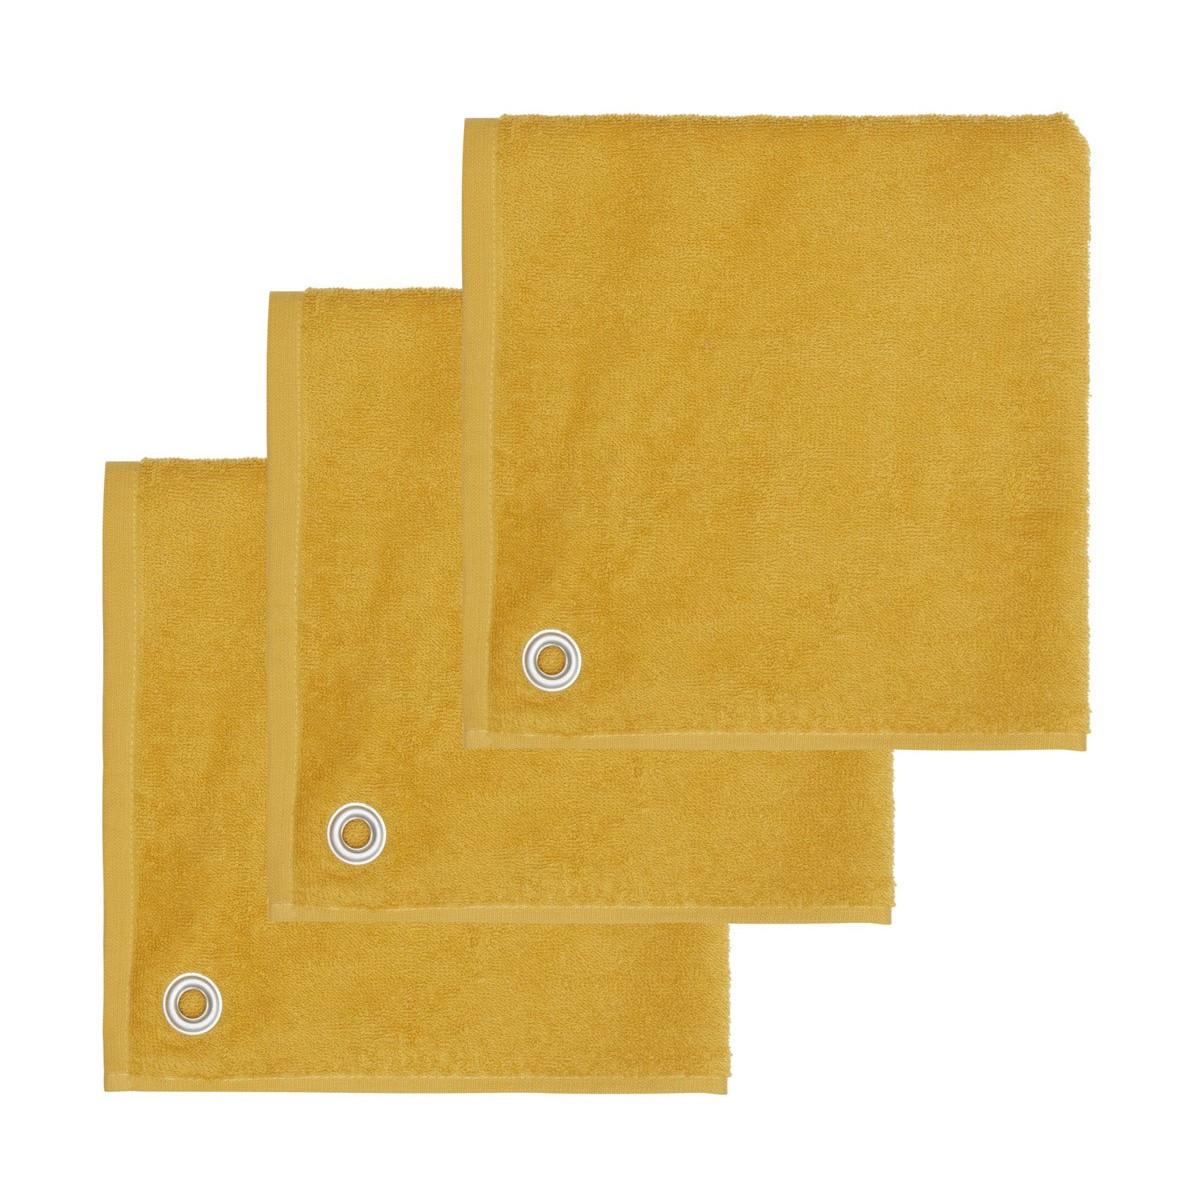 AMAIA - Lot de 3 torchons carrés avec œille Safran 50x50 cm